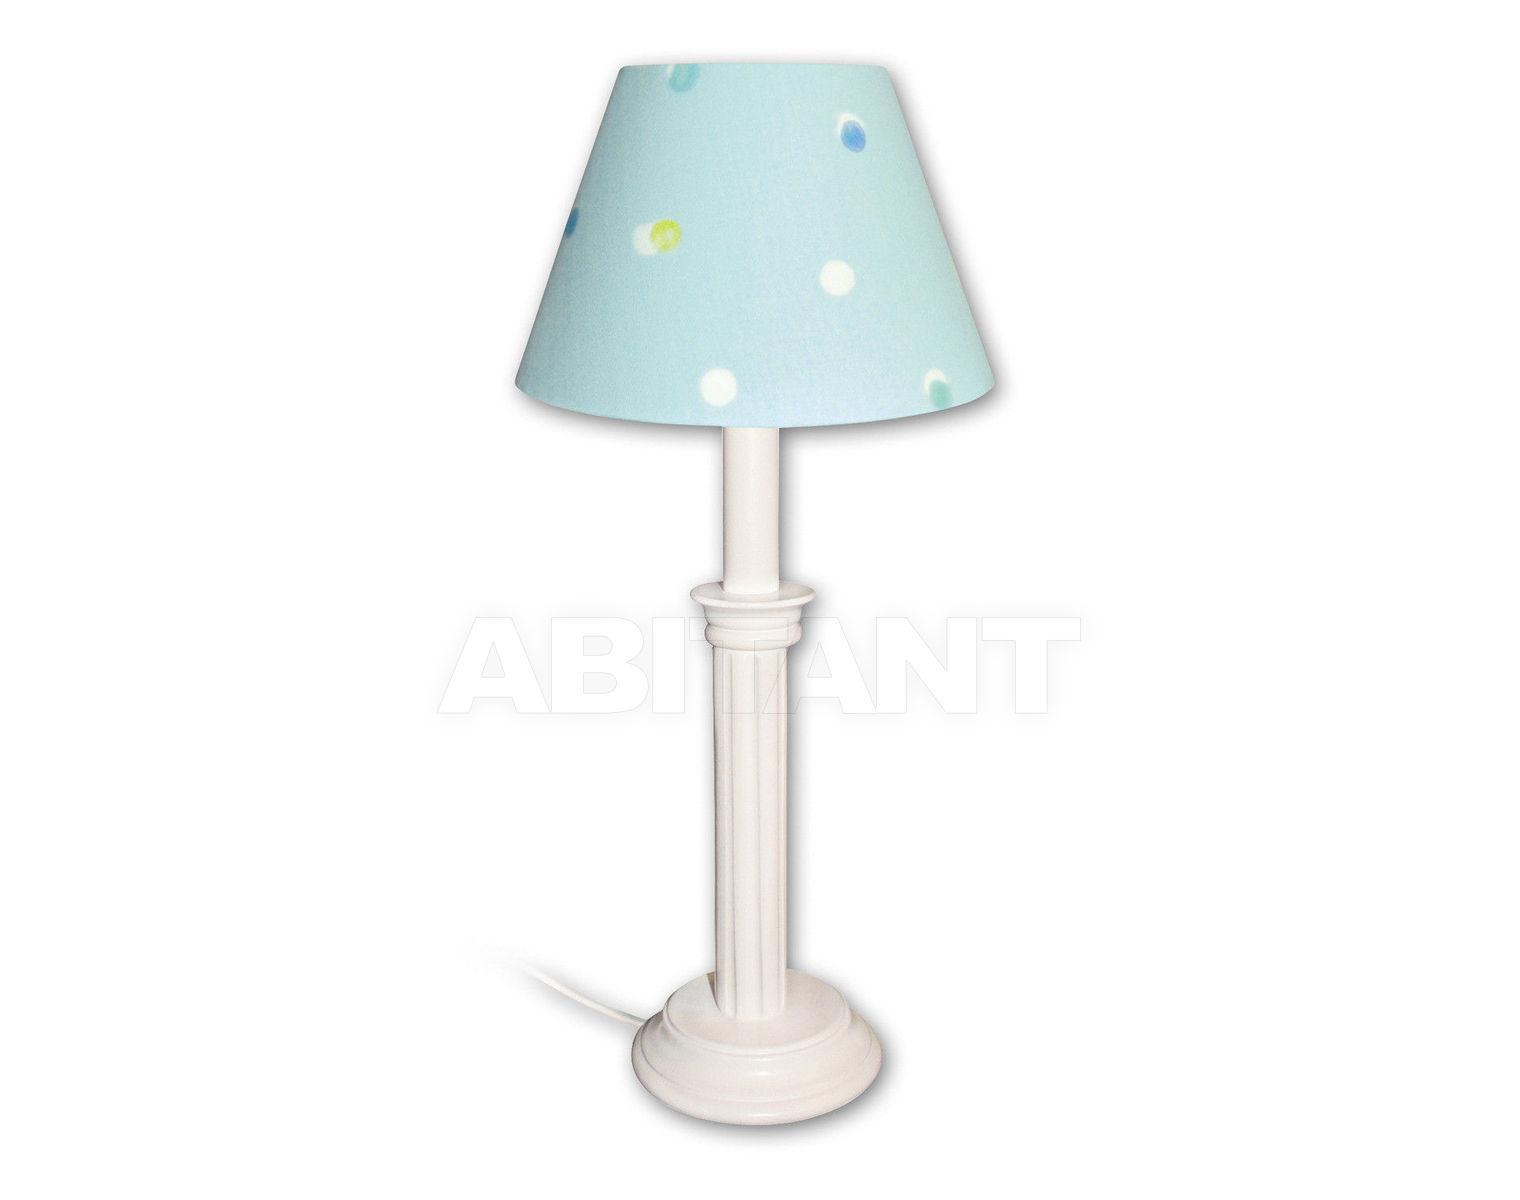 Купить Светильник для детской Waldi Leuchten Lampen Fur Kinder 2012 81506.0